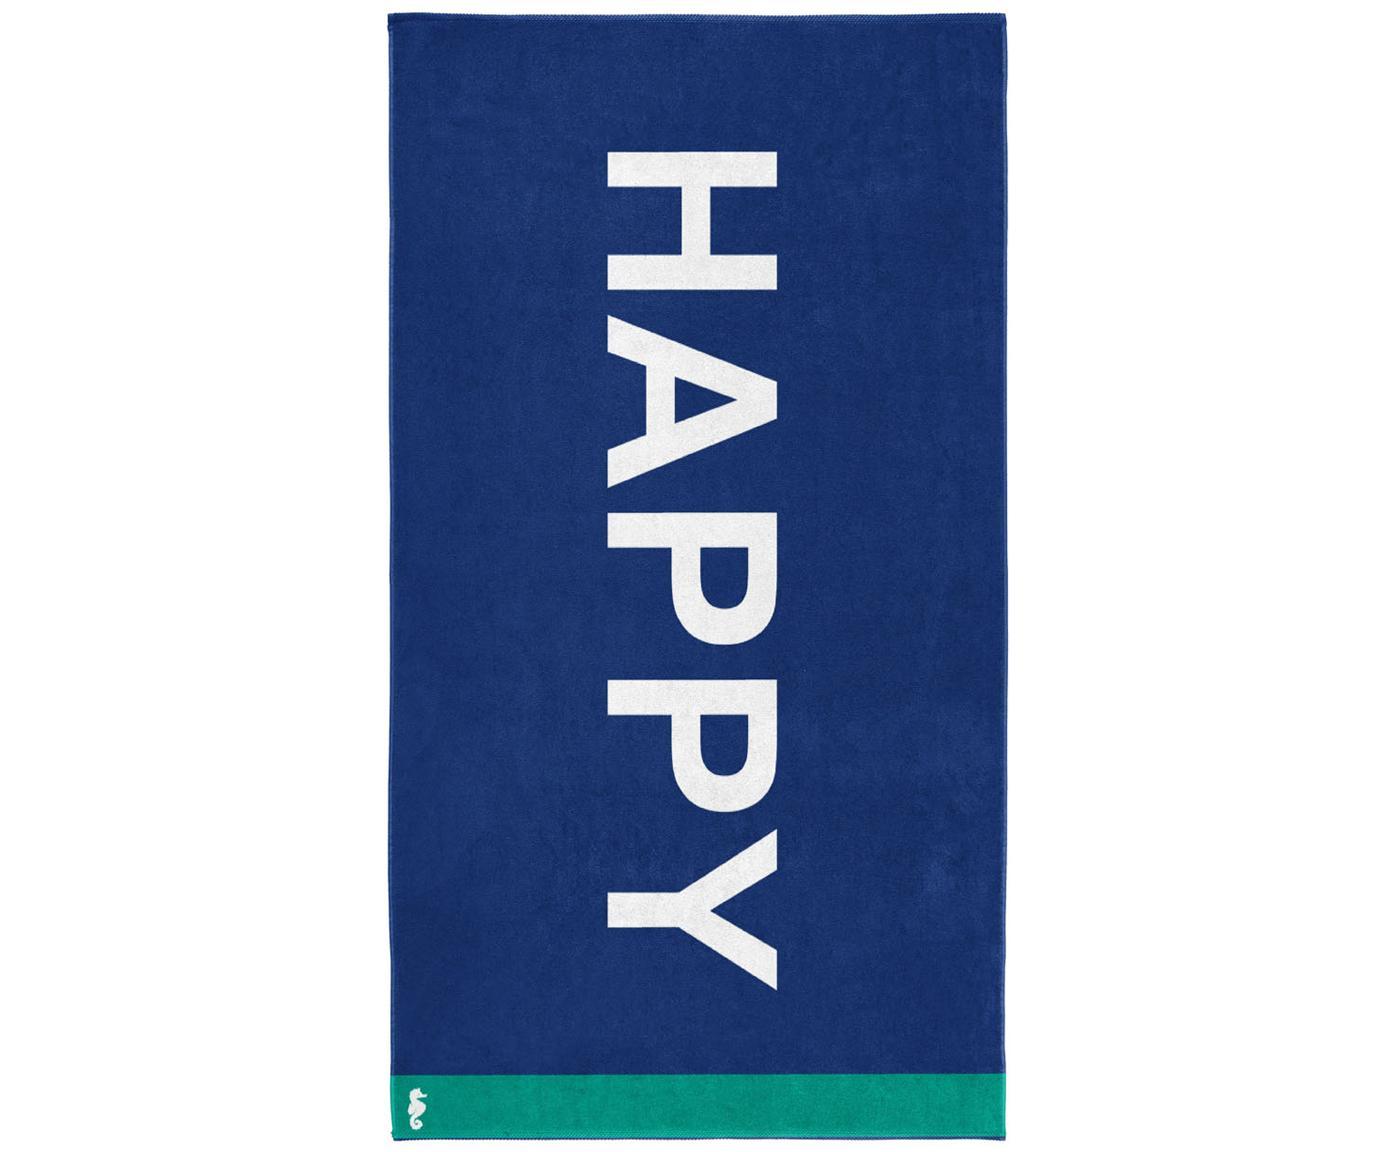 Strandlaken Happy, Fluweel (katoen) middelzware stofkwaliteit, 420g/m², Blauw, wit, groen, 100 x 180 cm